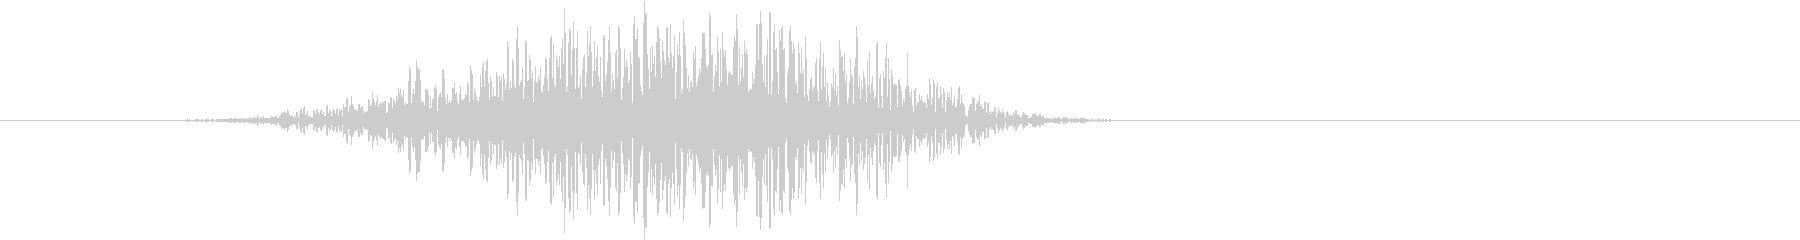 トランジション ヒューシュ23の未再生の波形